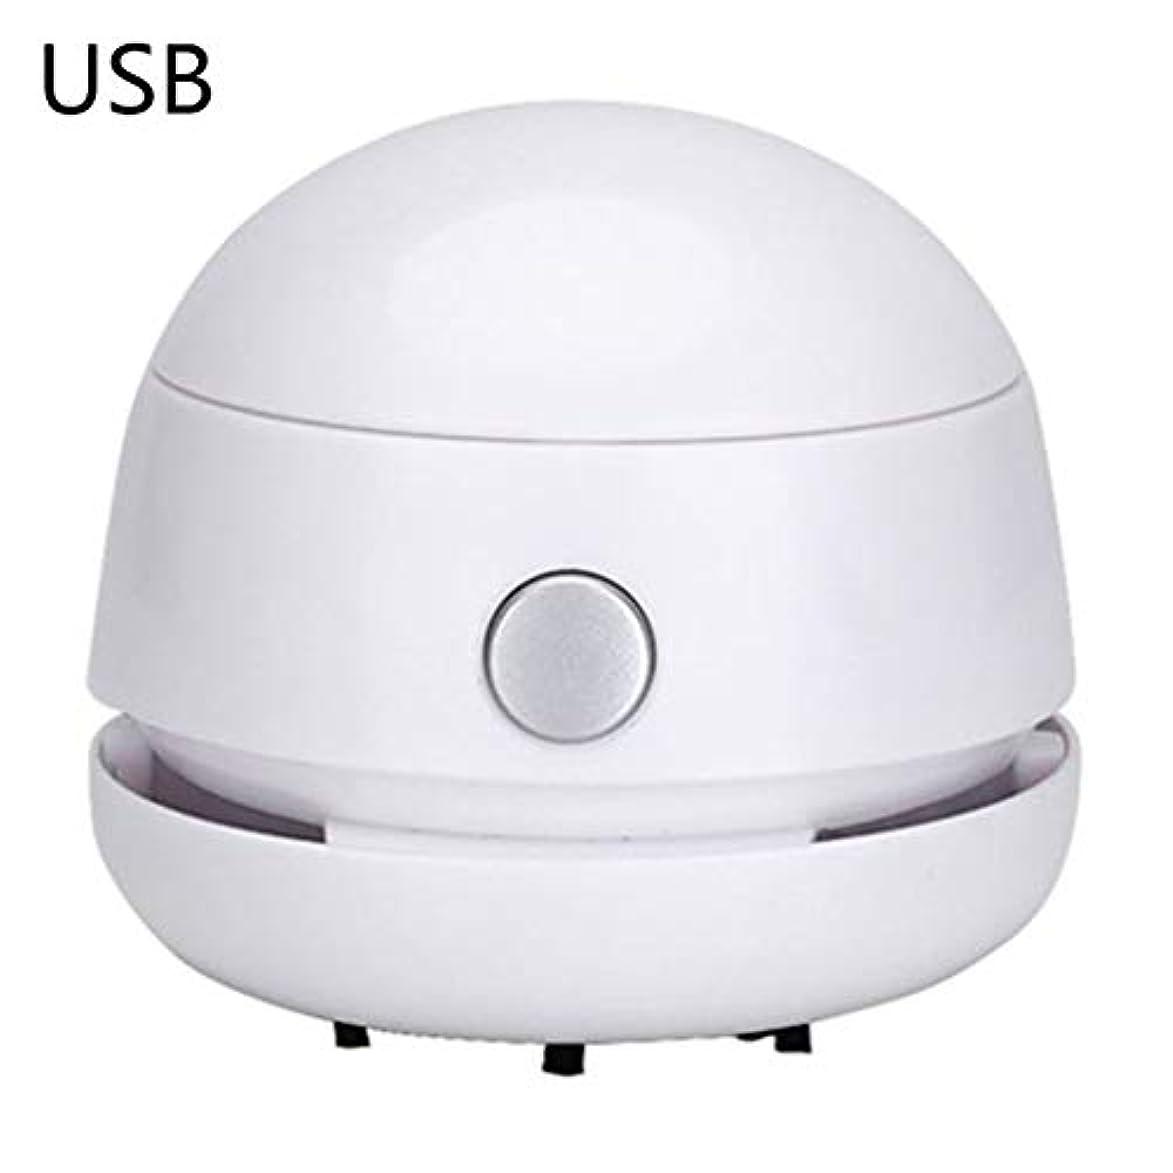 失礼なしかしお風呂を持っているミニポータブルネイル集塵機デスクトップ充電式ネイルアート掃除機マニキュアツール,白